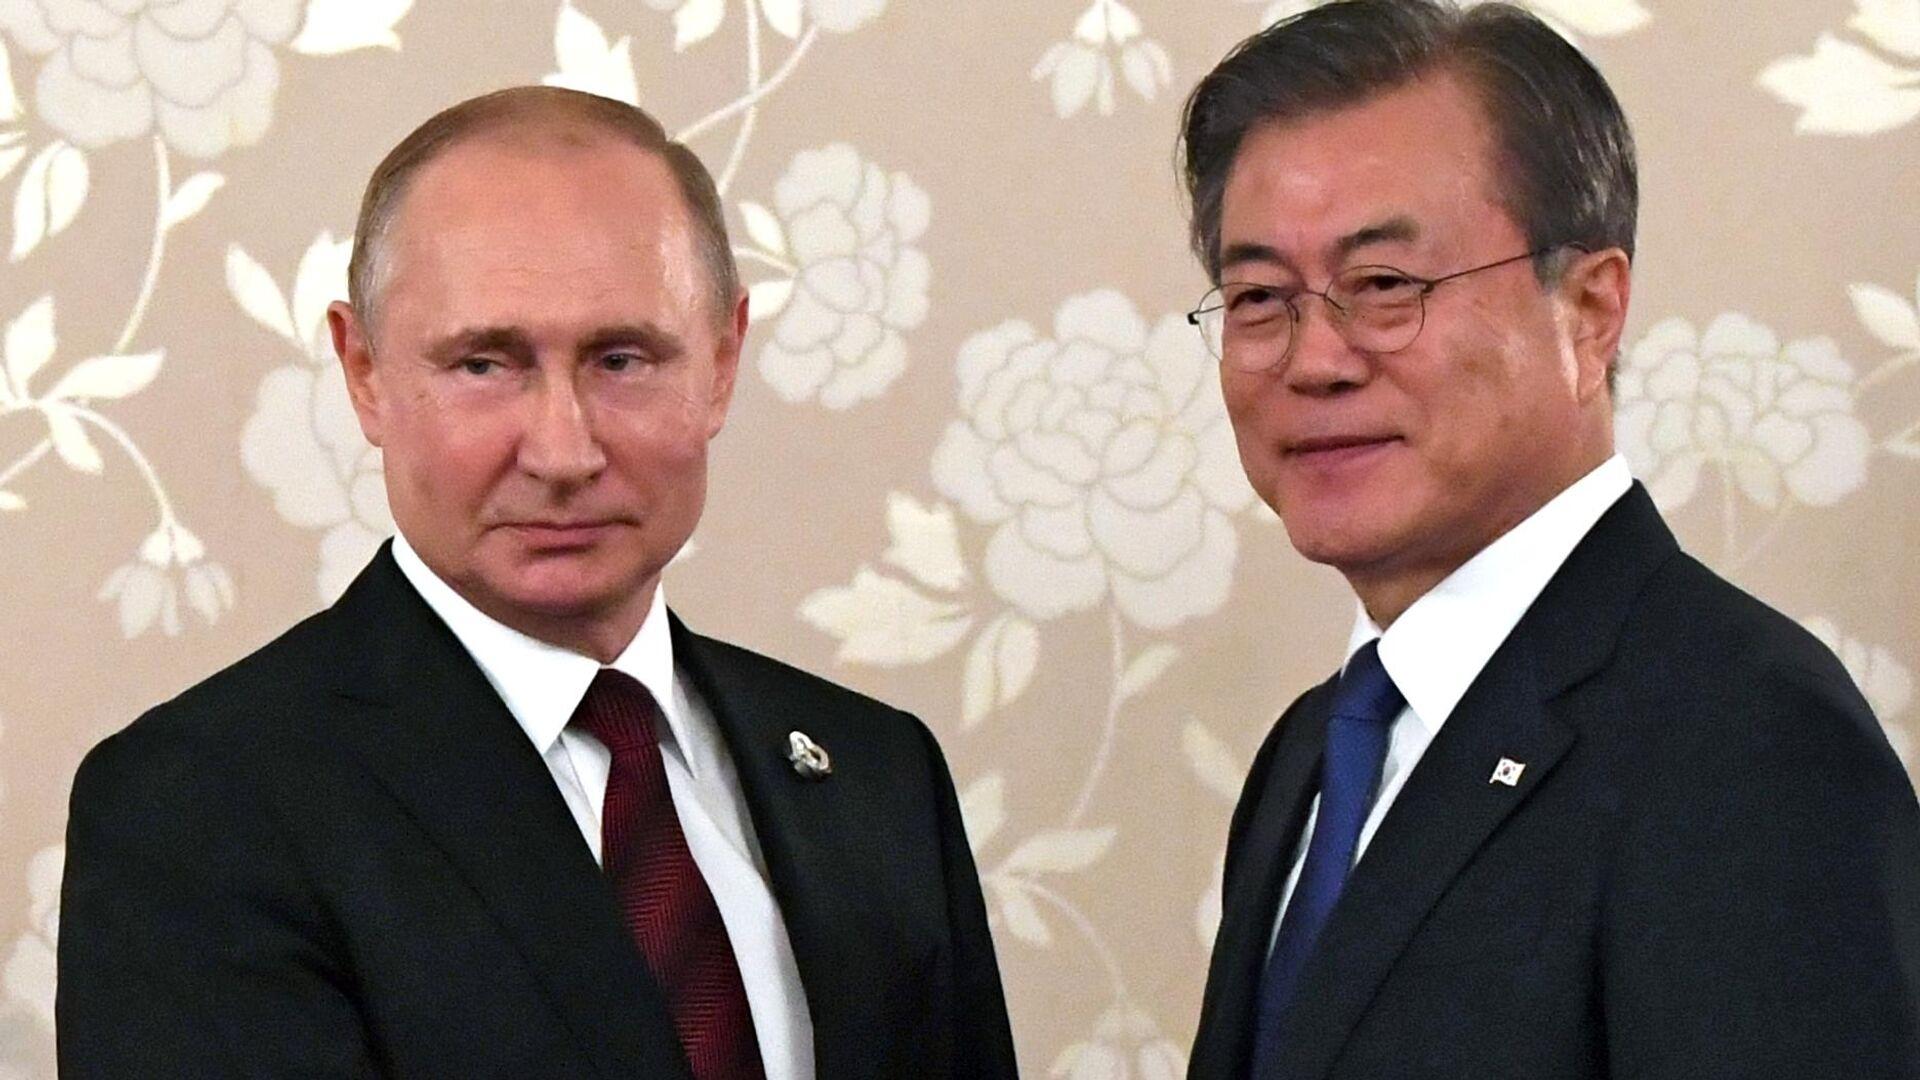 1556029053 0:48:1873:1102 1920x0 80 0 0 d79892b563eaab5e1b2017d5d6c2cc17 - В честь юбилея. Путин провел телефонную беседу с президентом Южной Кореи